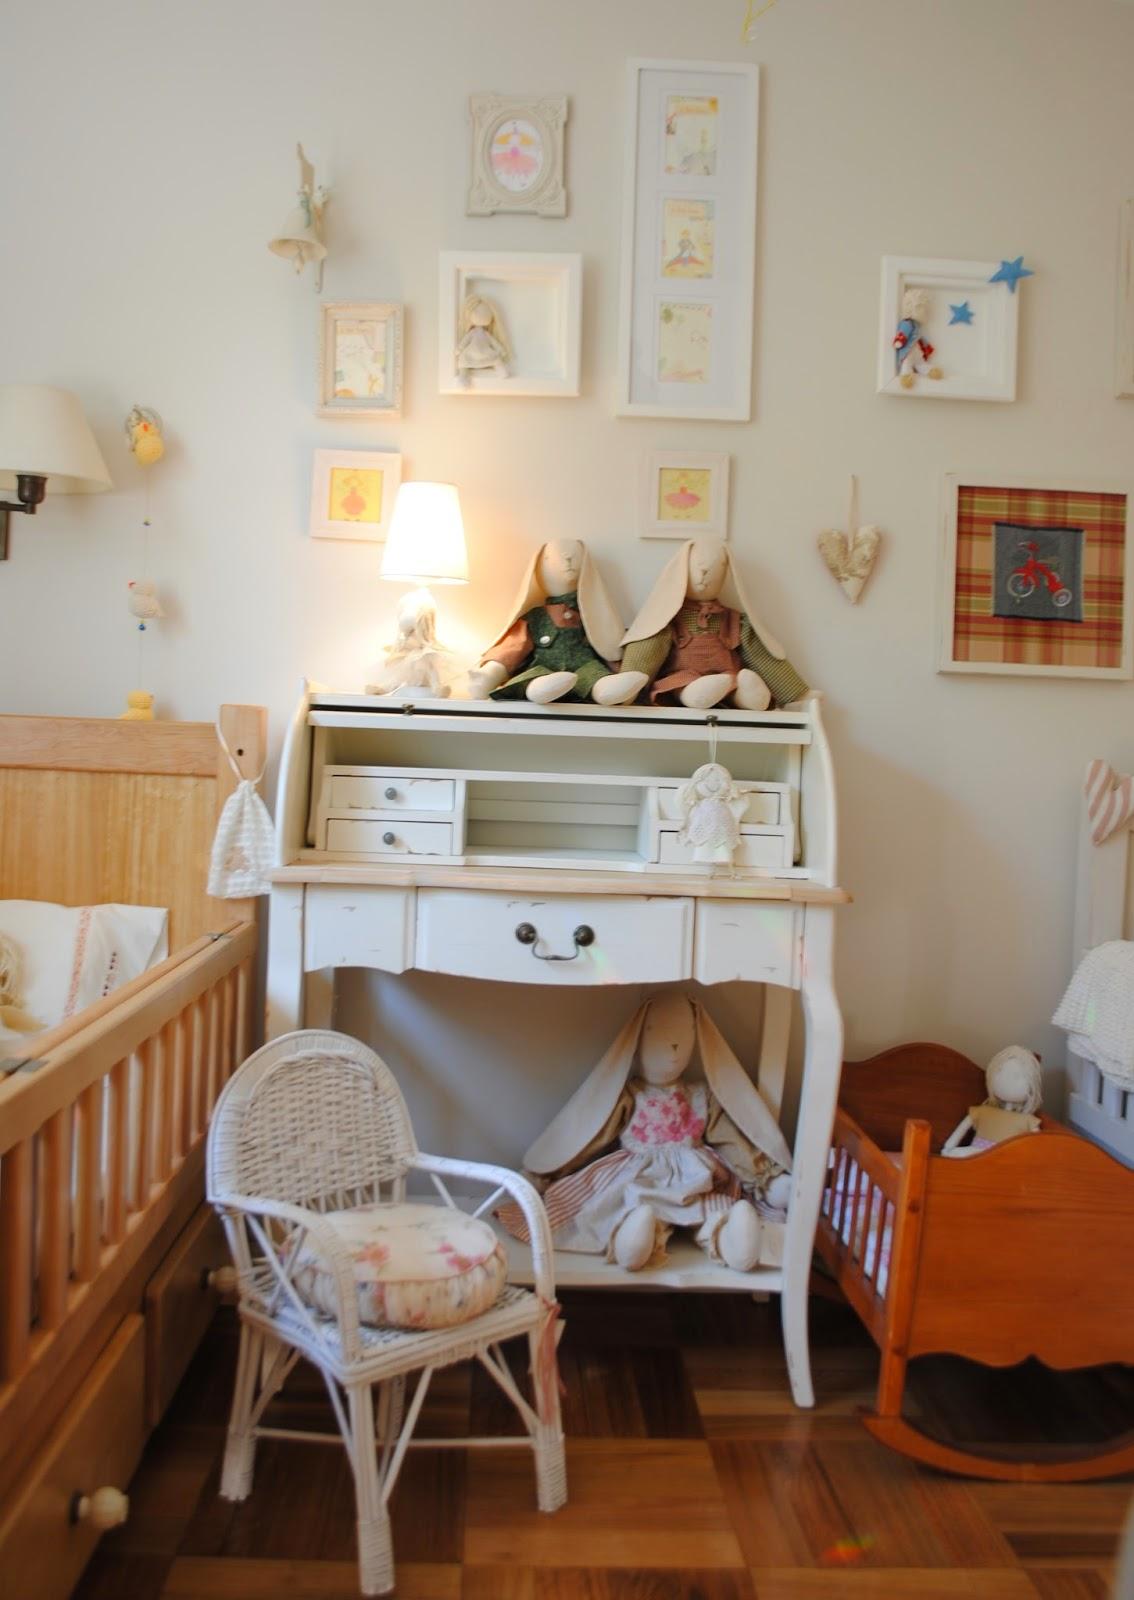 Paz montealegre decoraci n muebles normandos y provenzales for Paginas de muebles y decoracion